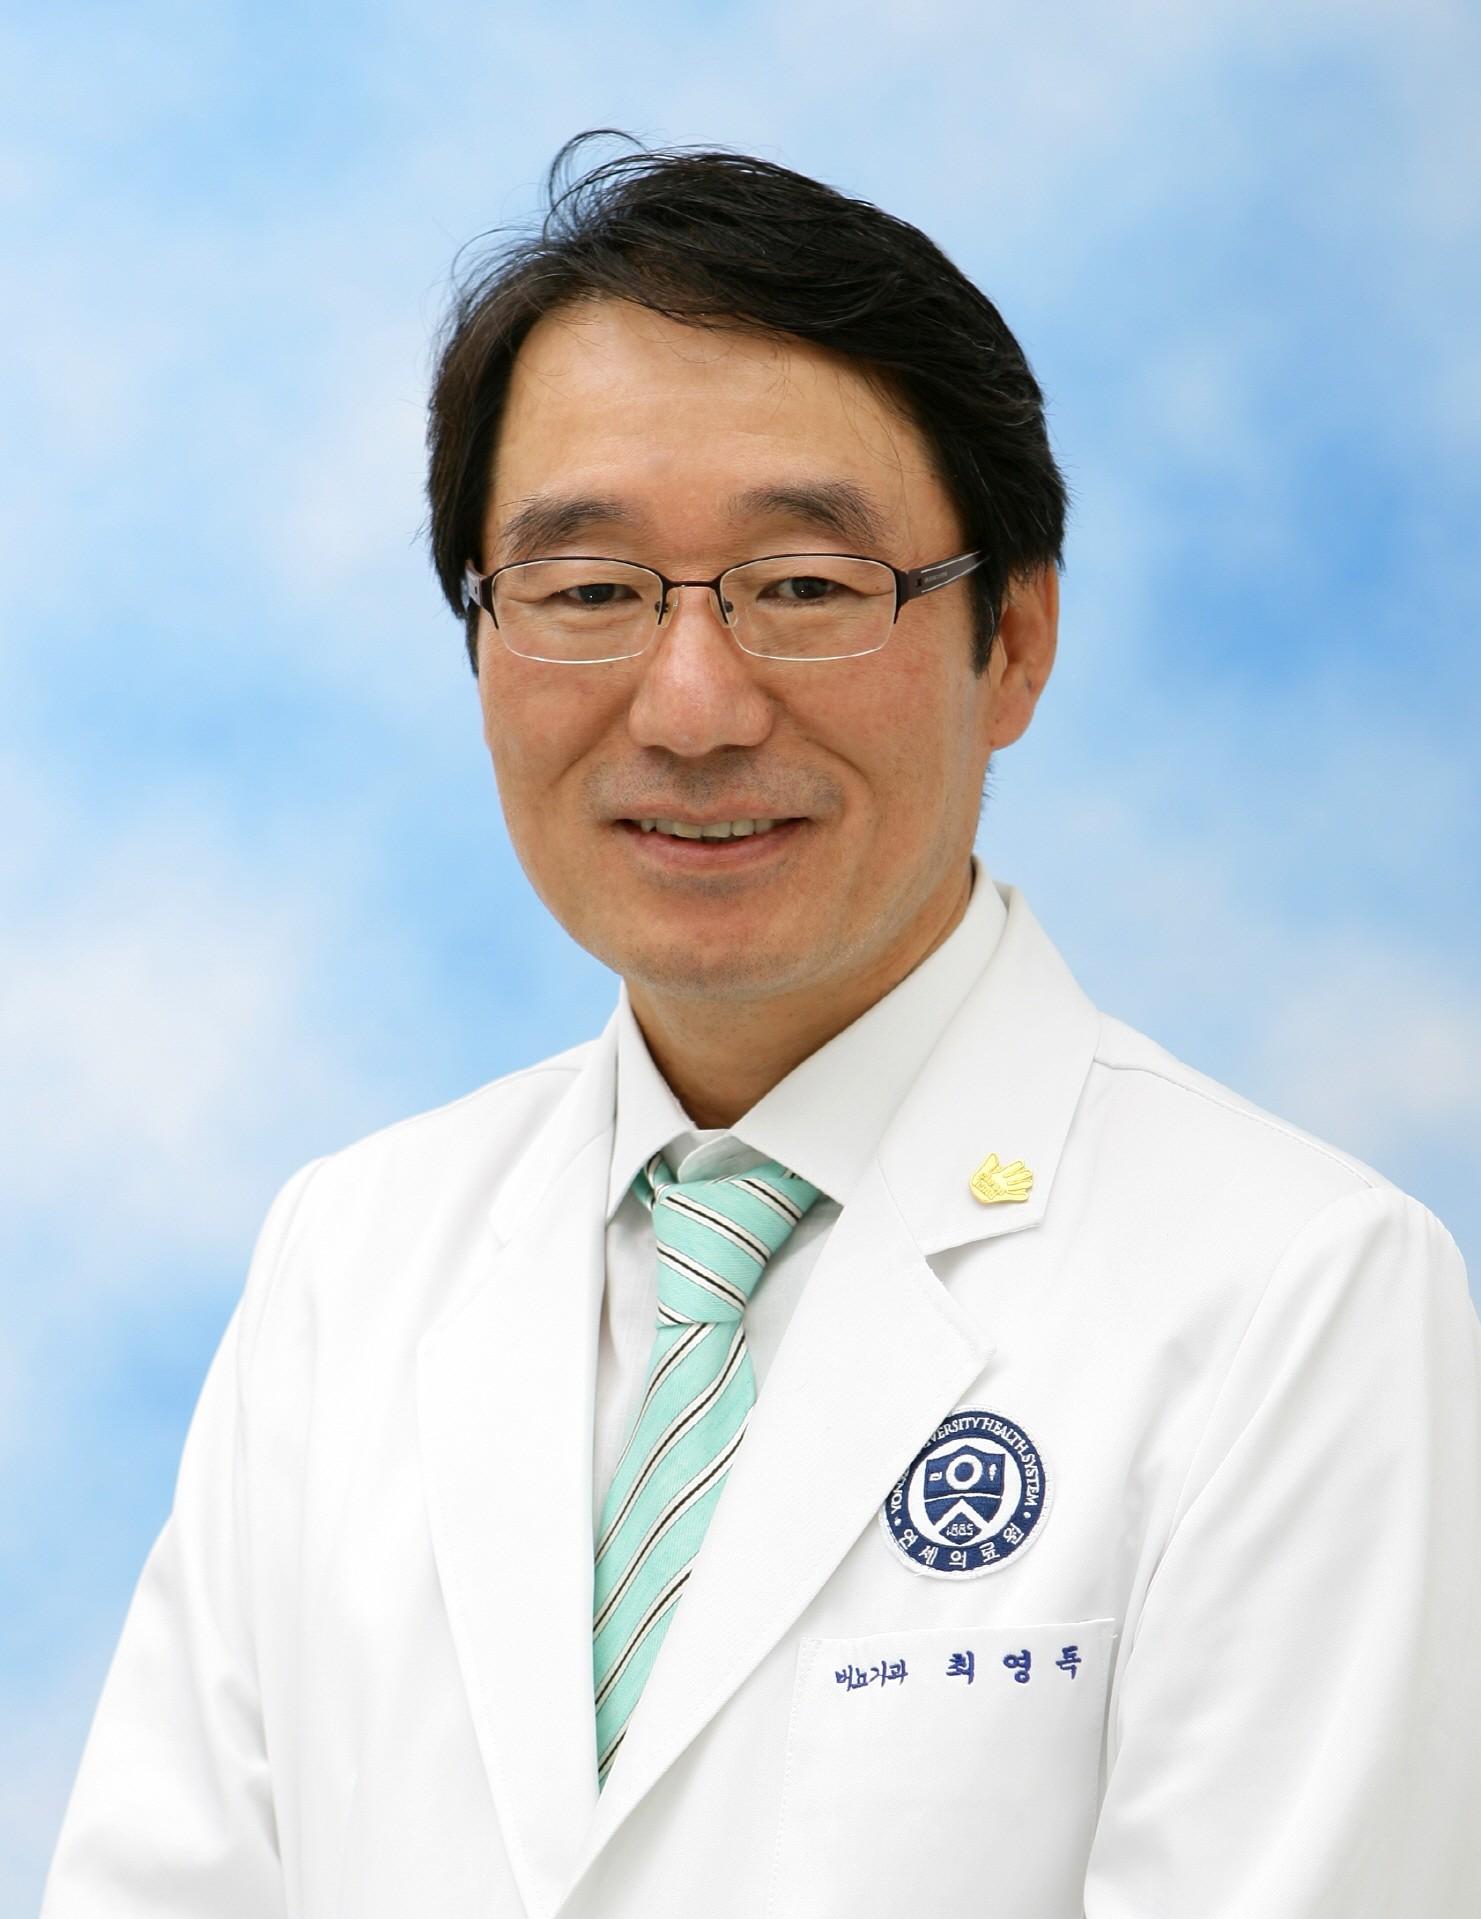 연세의료원 비뇨기과 최영득 교수